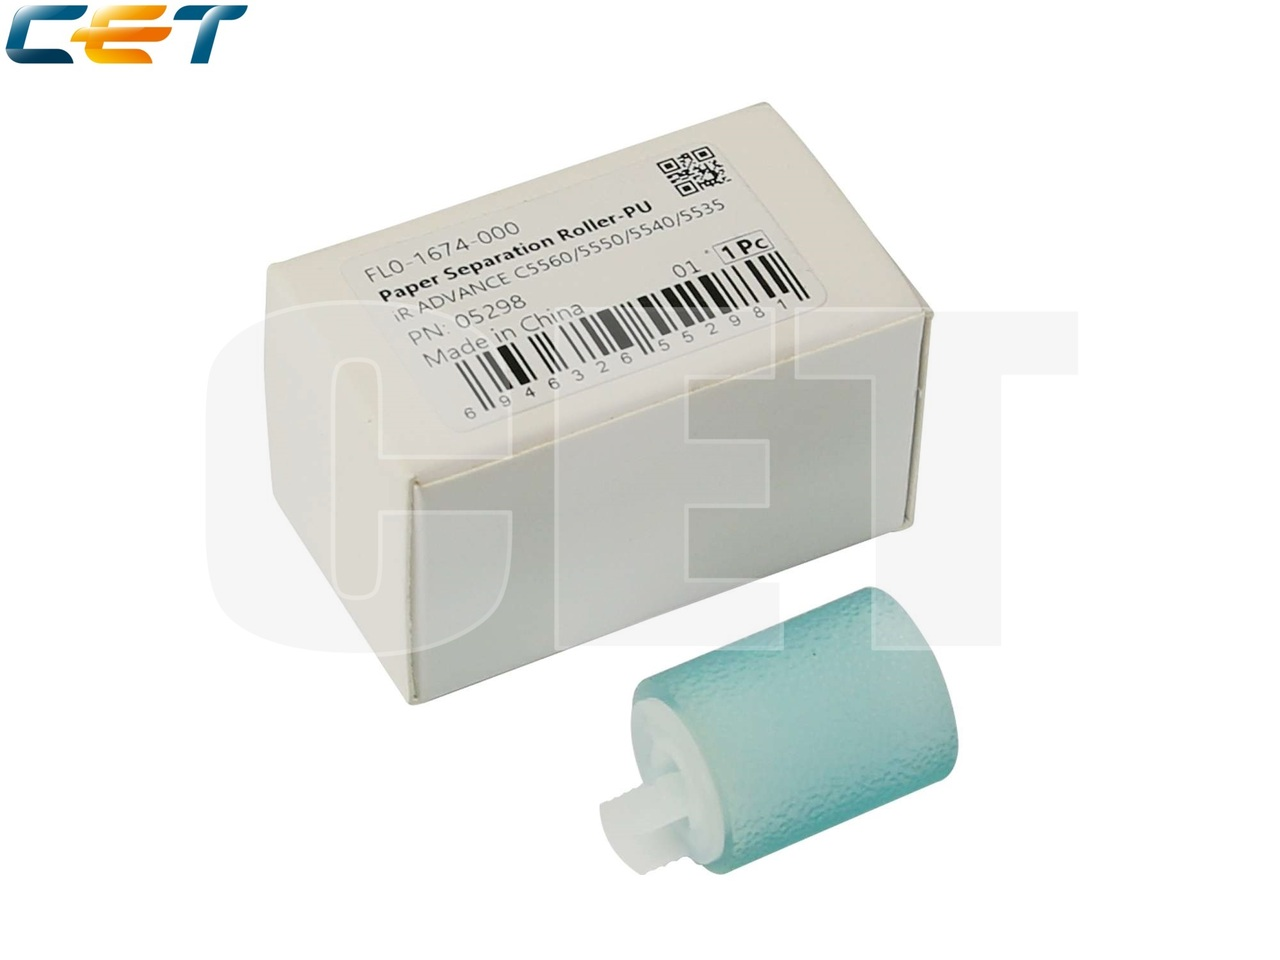 Ролик отделения FL0-1674 для CANON iR ADVANCEC5560/C5550/C5540/C5535/C5560i/C5550i/C5540i/C5535i (CET),CET5298